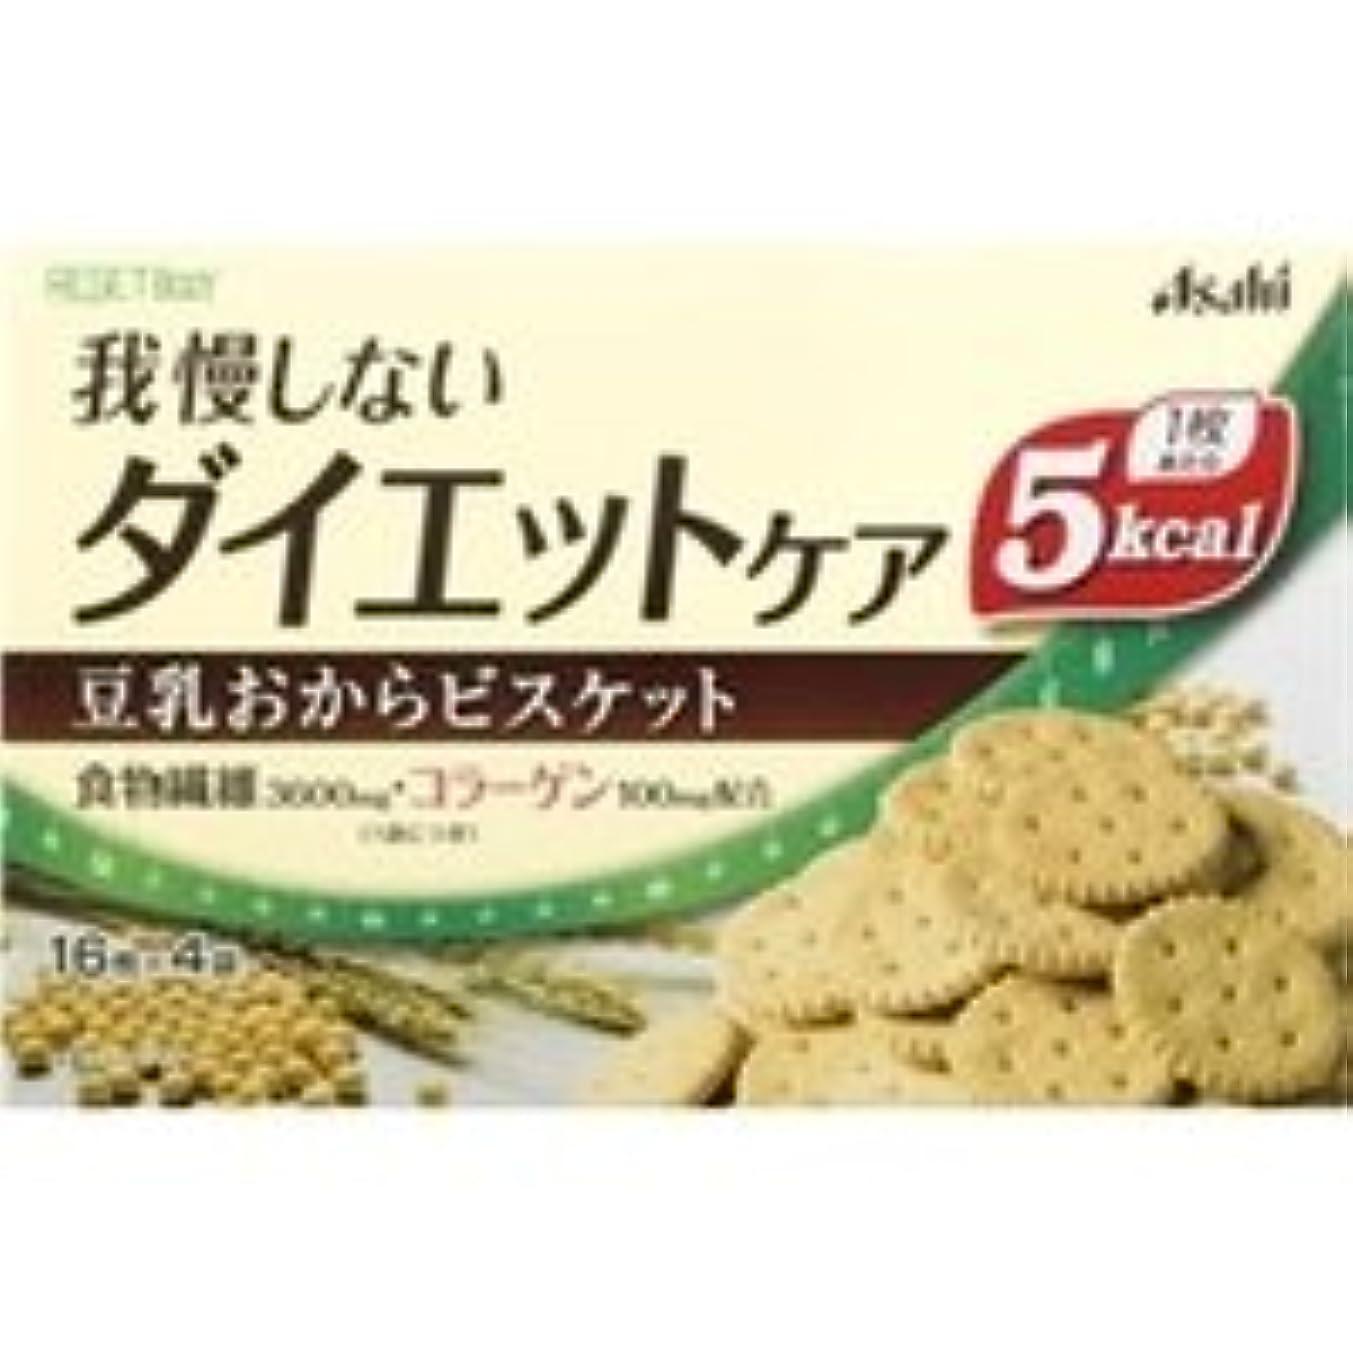 モニタースクラップブック毎年リセットボディ 豆乳おからビスケット 4袋×(24セット)